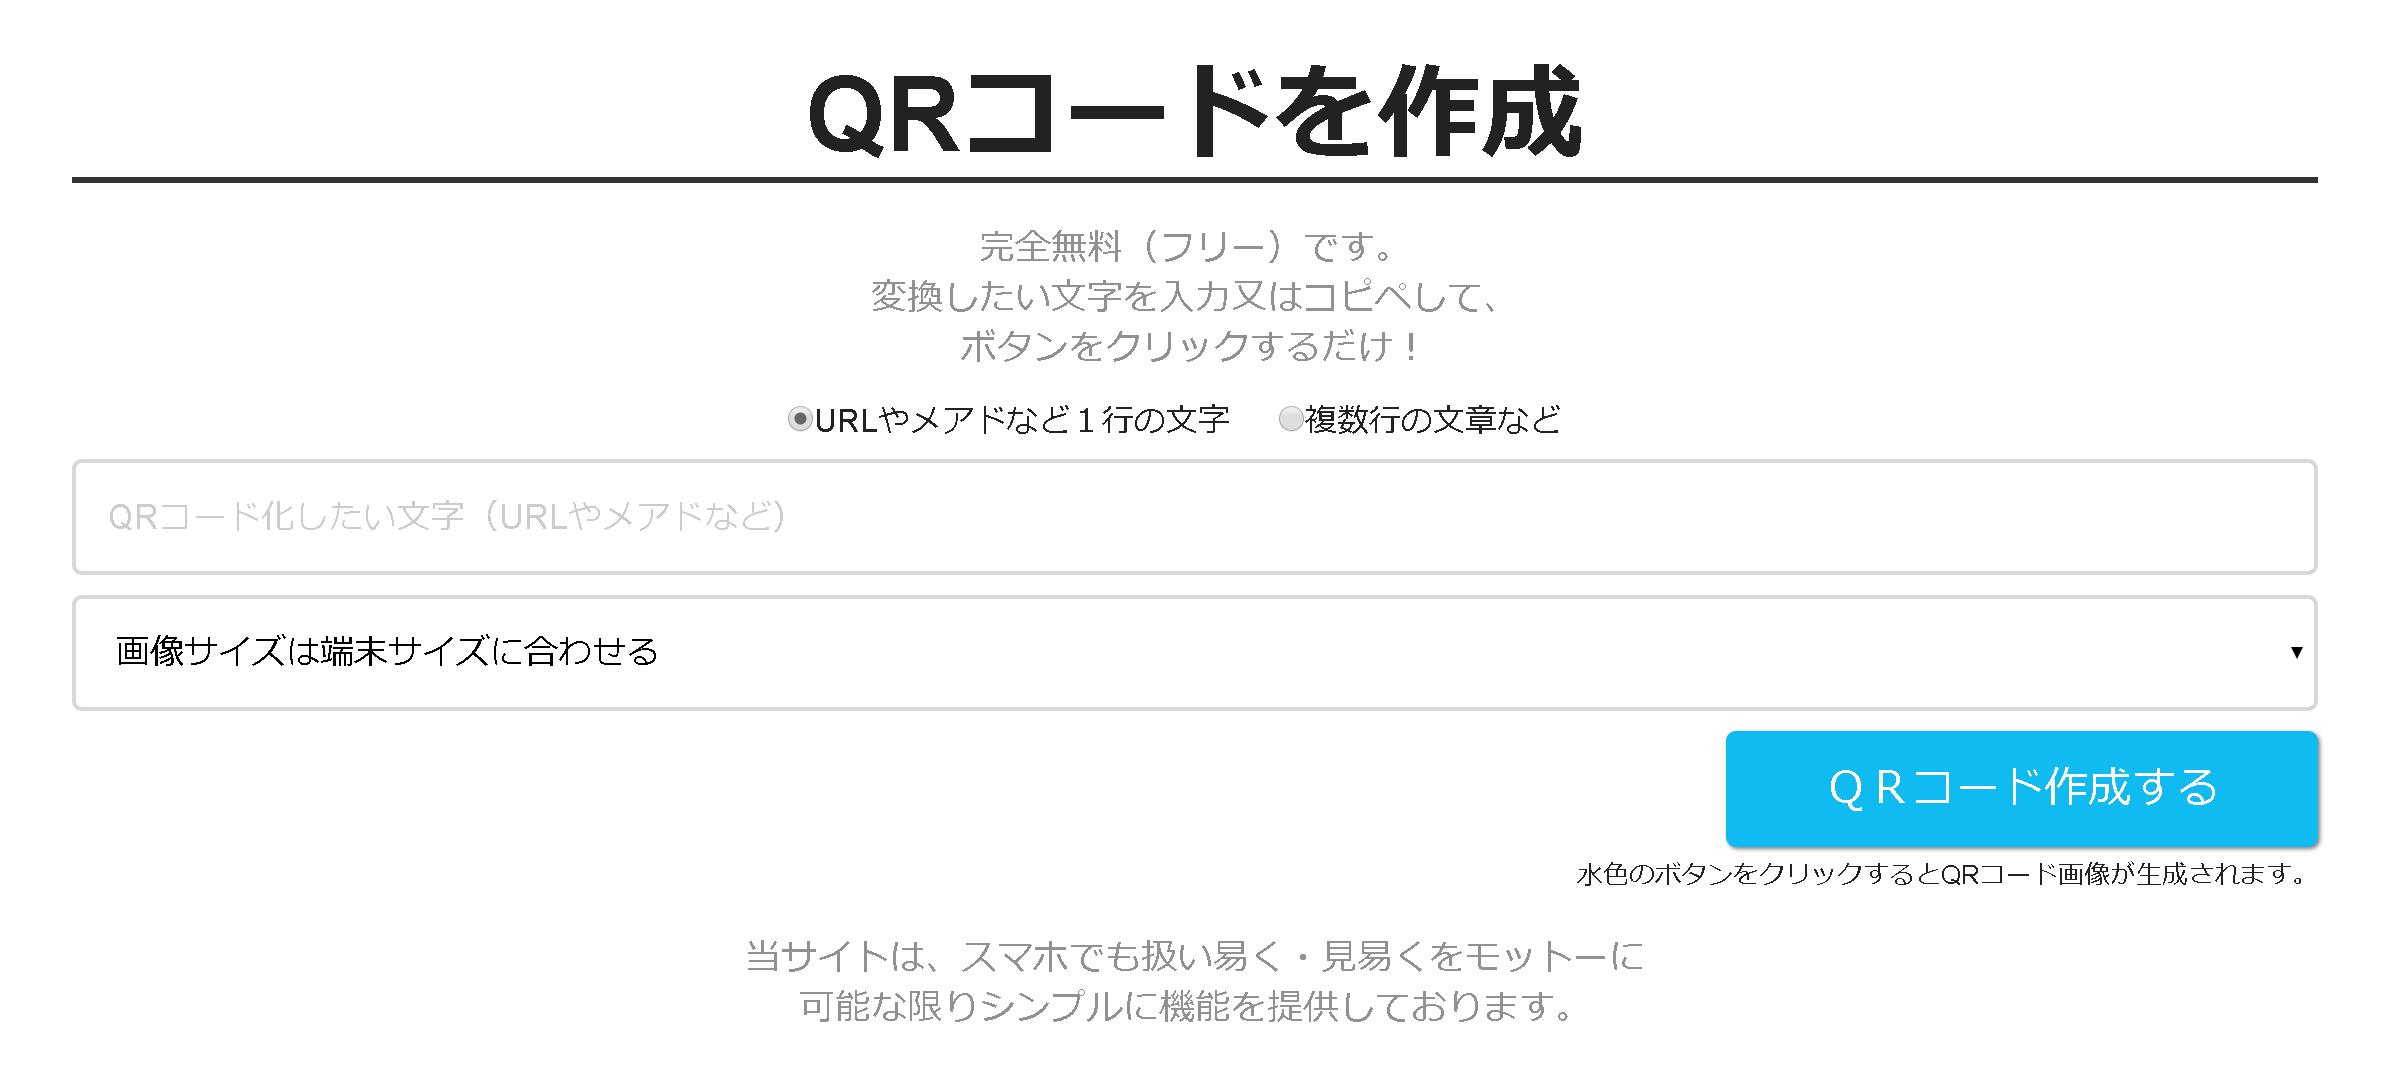 インスタグラムのqrコードの作り方 読み取り方 ネームタグとの違いも紹介 アプリやwebの疑問に答えるメディア ネームタグ アプリ Qr 読み取り